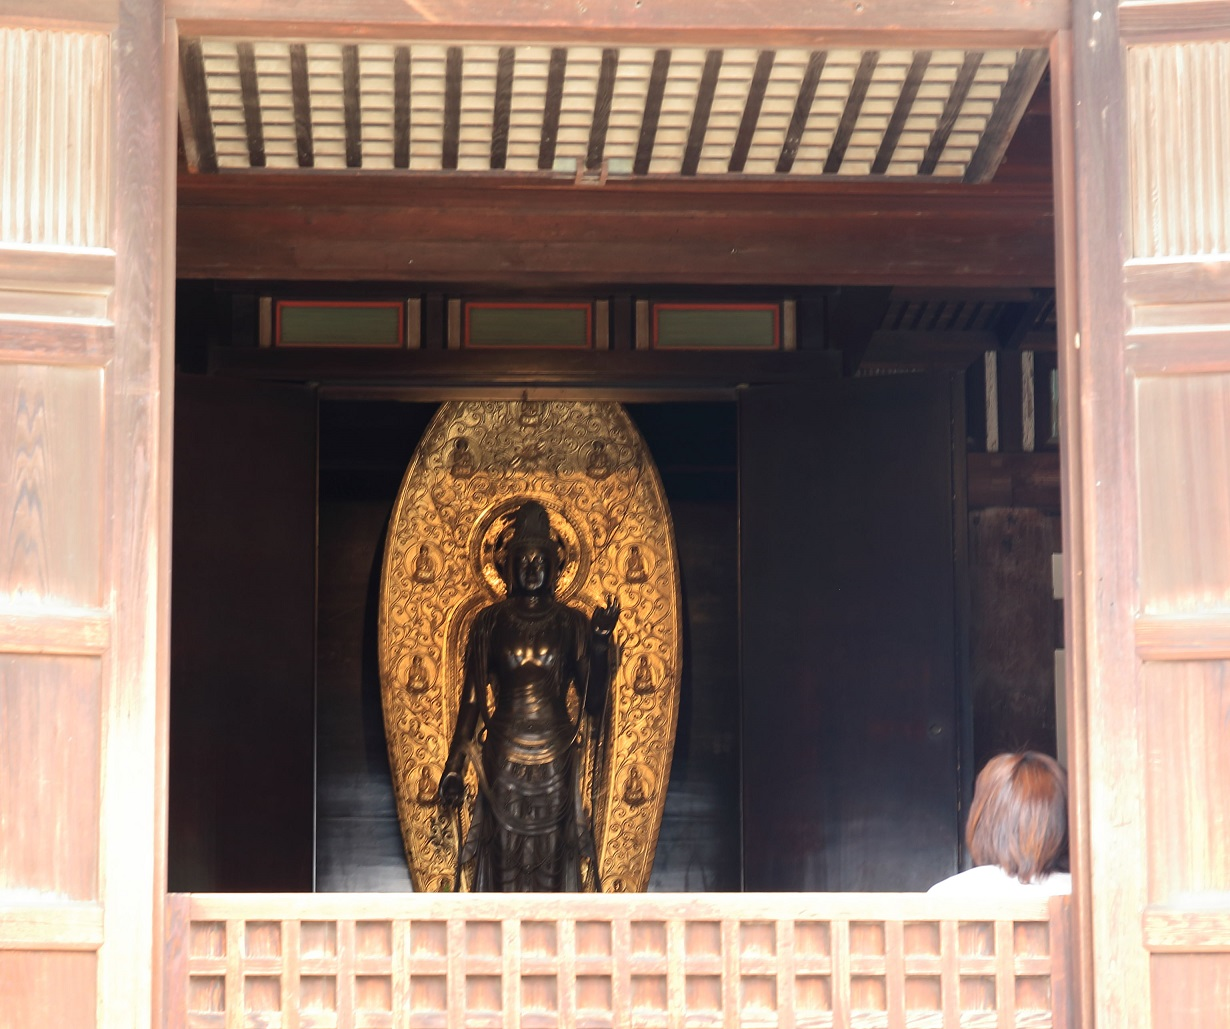 ブログ 薬師寺の東院堂 聖観世音菩薩様に見入る女性.jpg